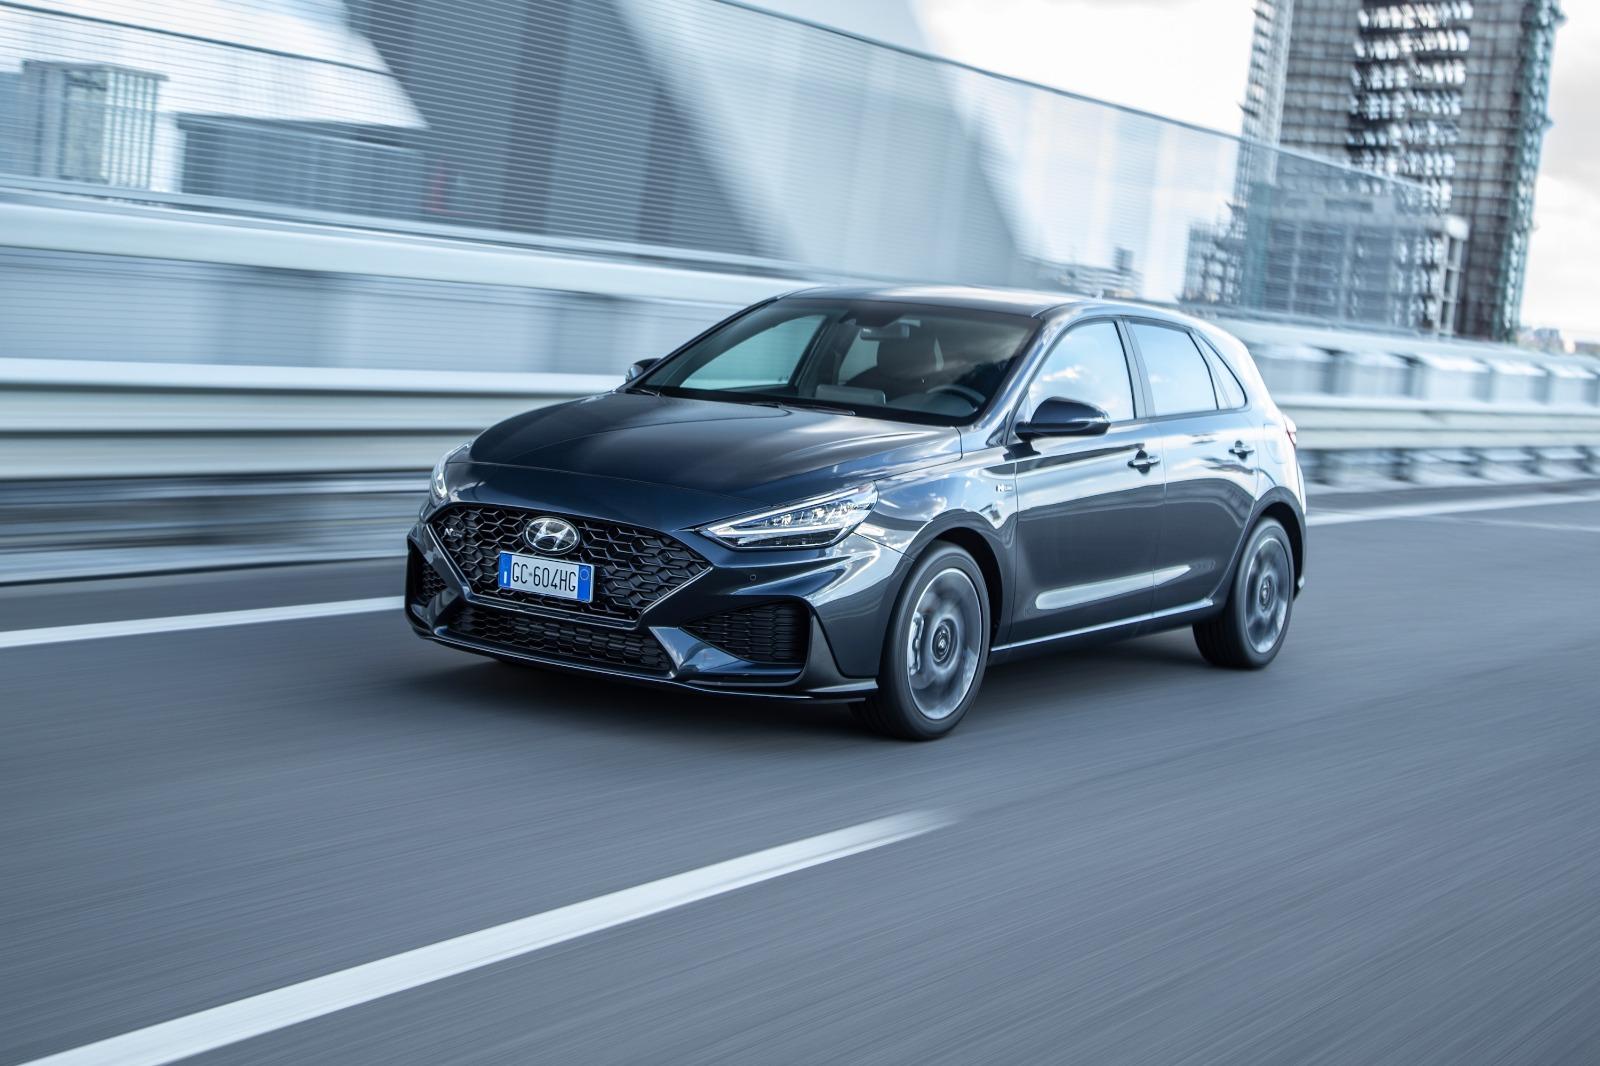 Nuova Hyundai i30 2020 restyling